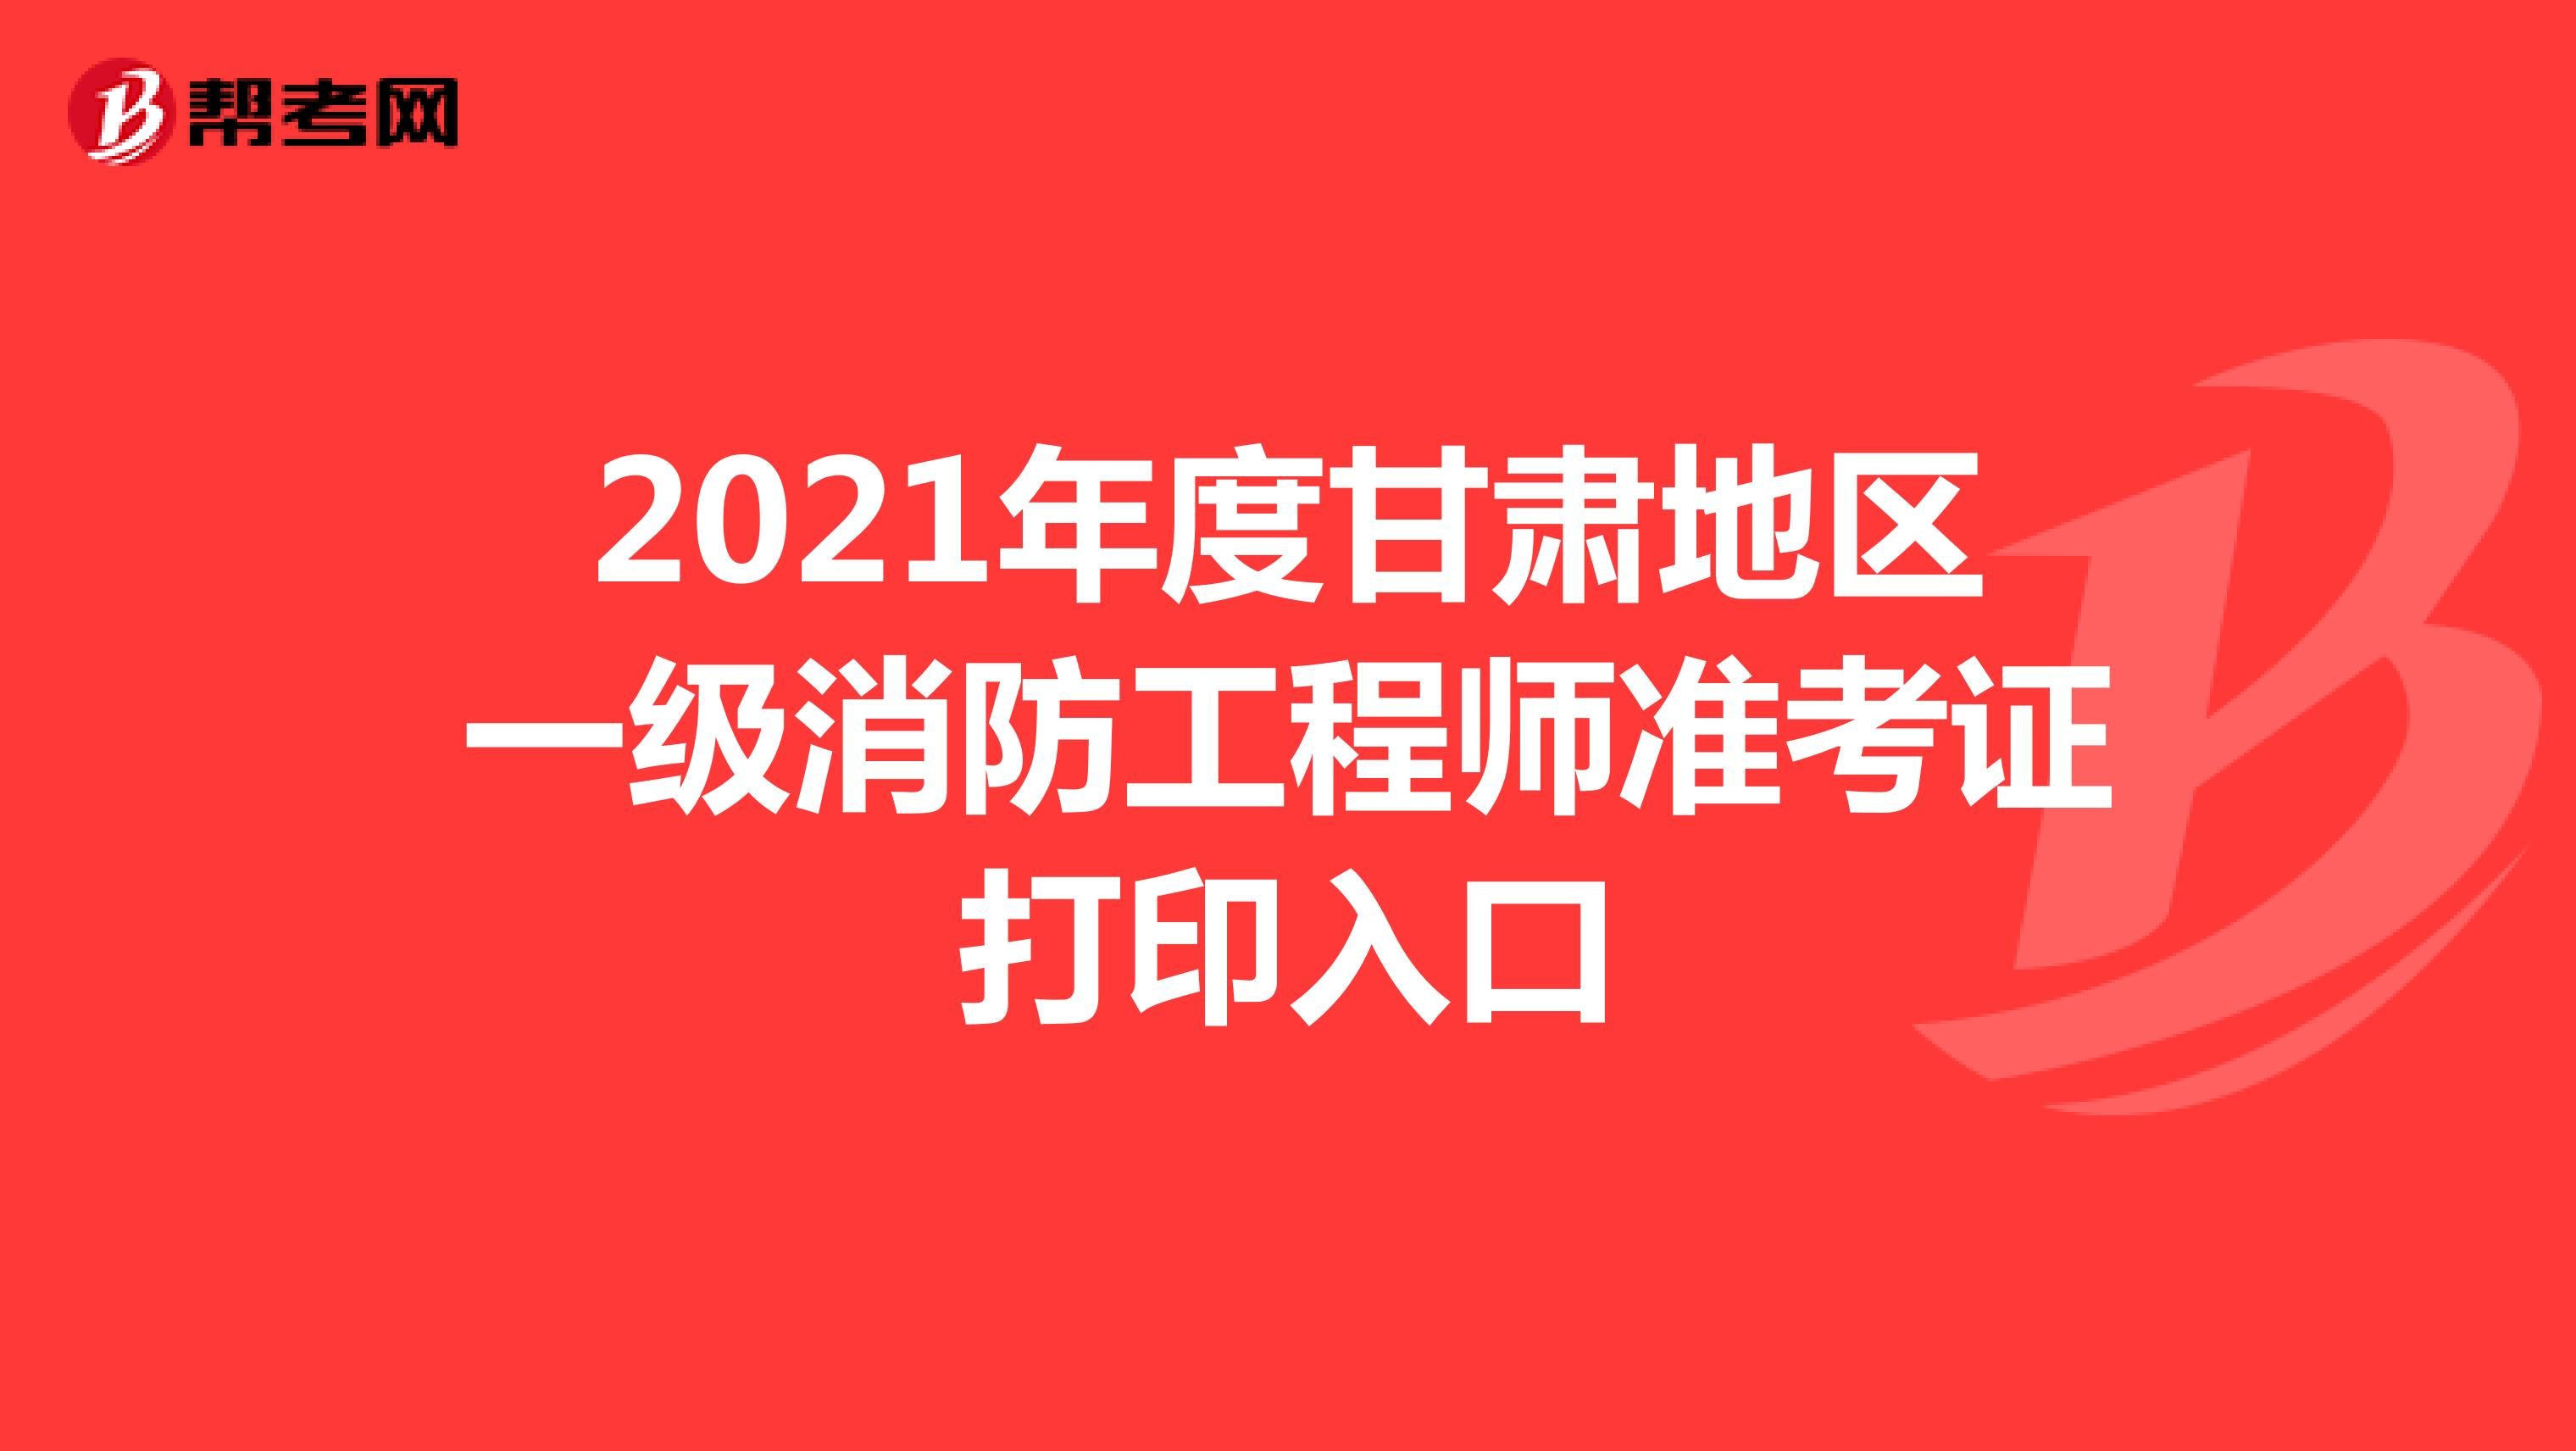 2021年度甘肃地区一级消防工程师准考证打印入口